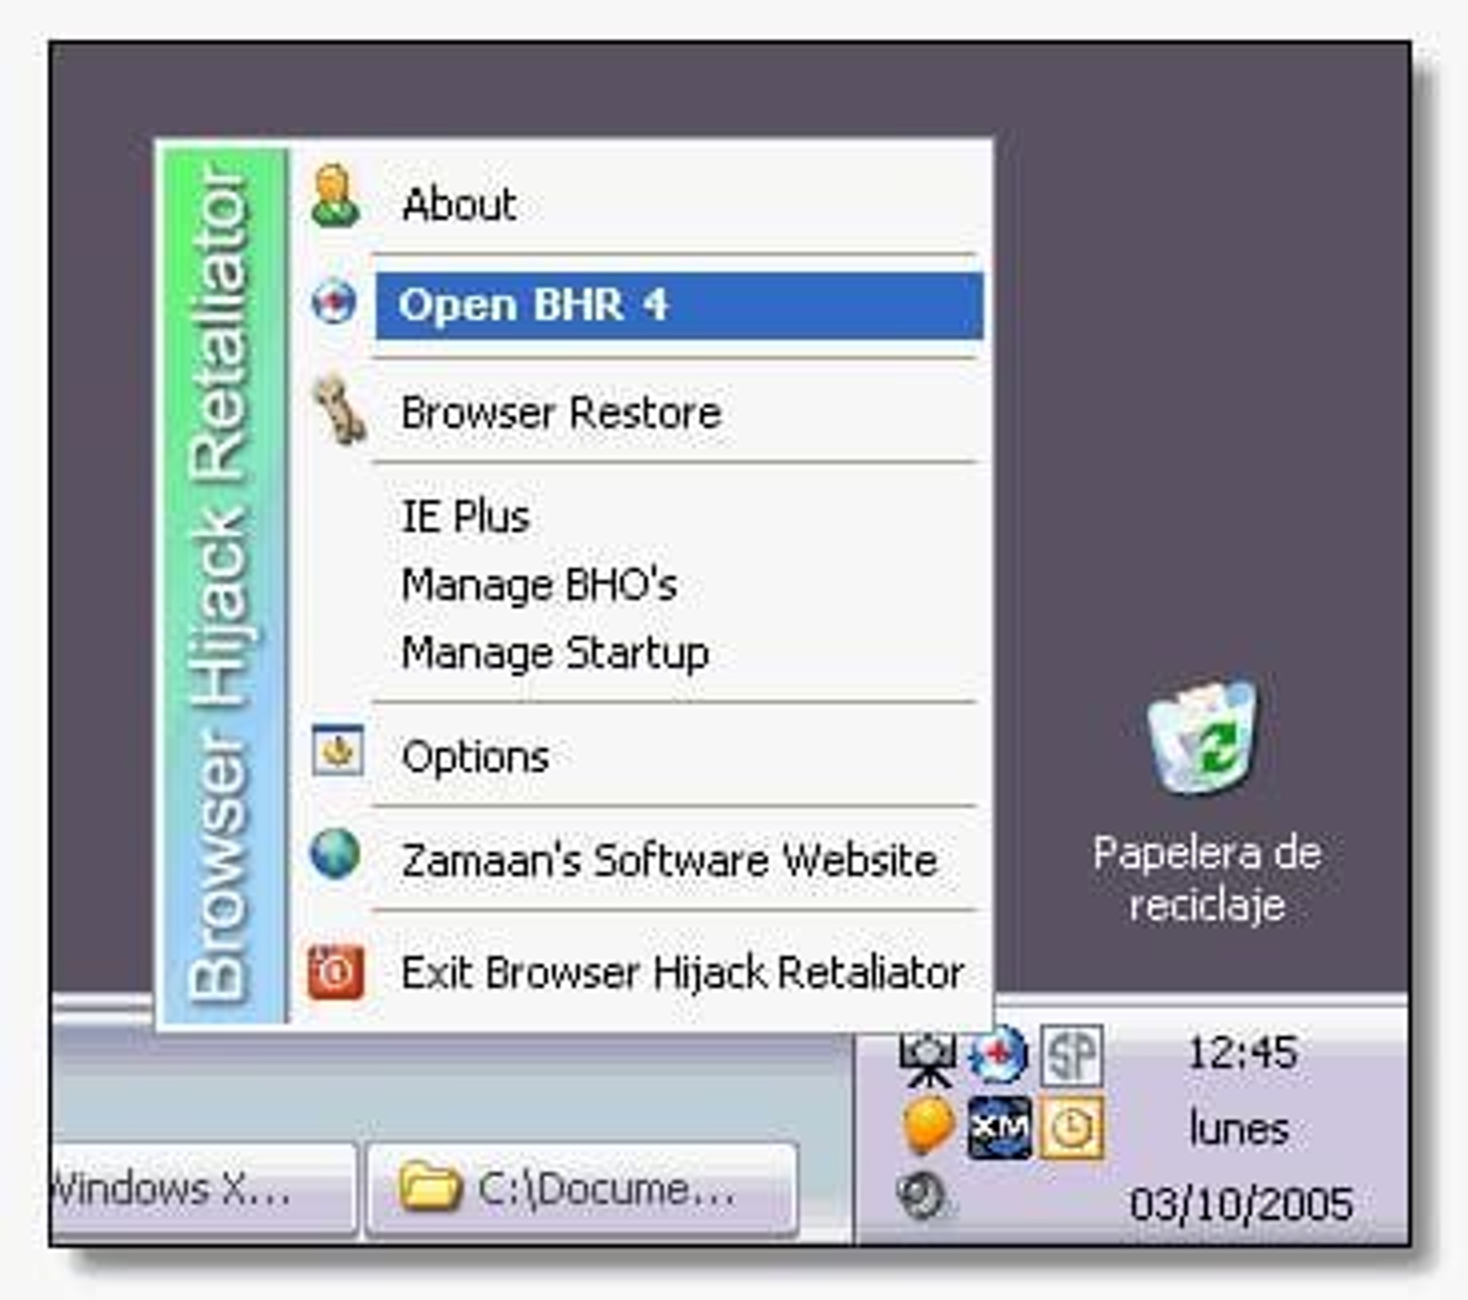 Browser Hijack Retaliator